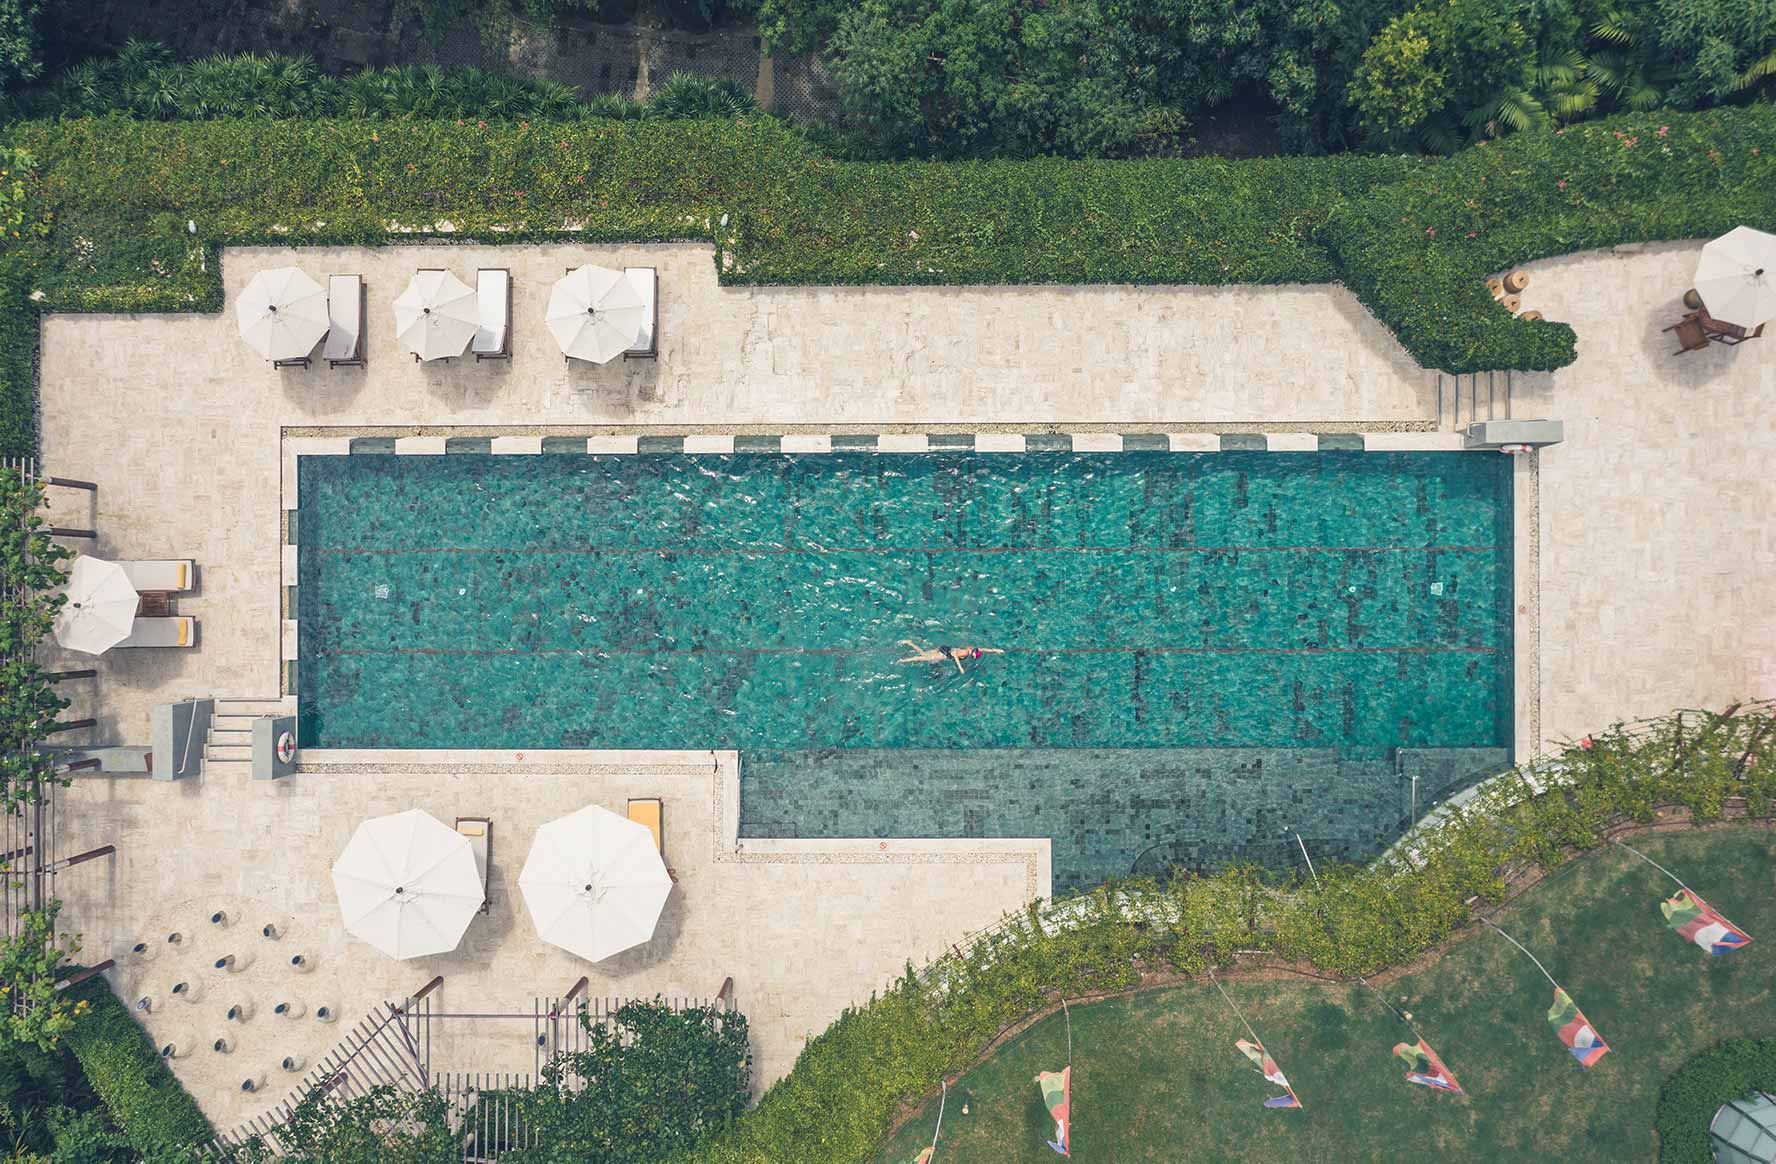 Lap Pool at Spa Beach Resort in Koh Samui Thailand